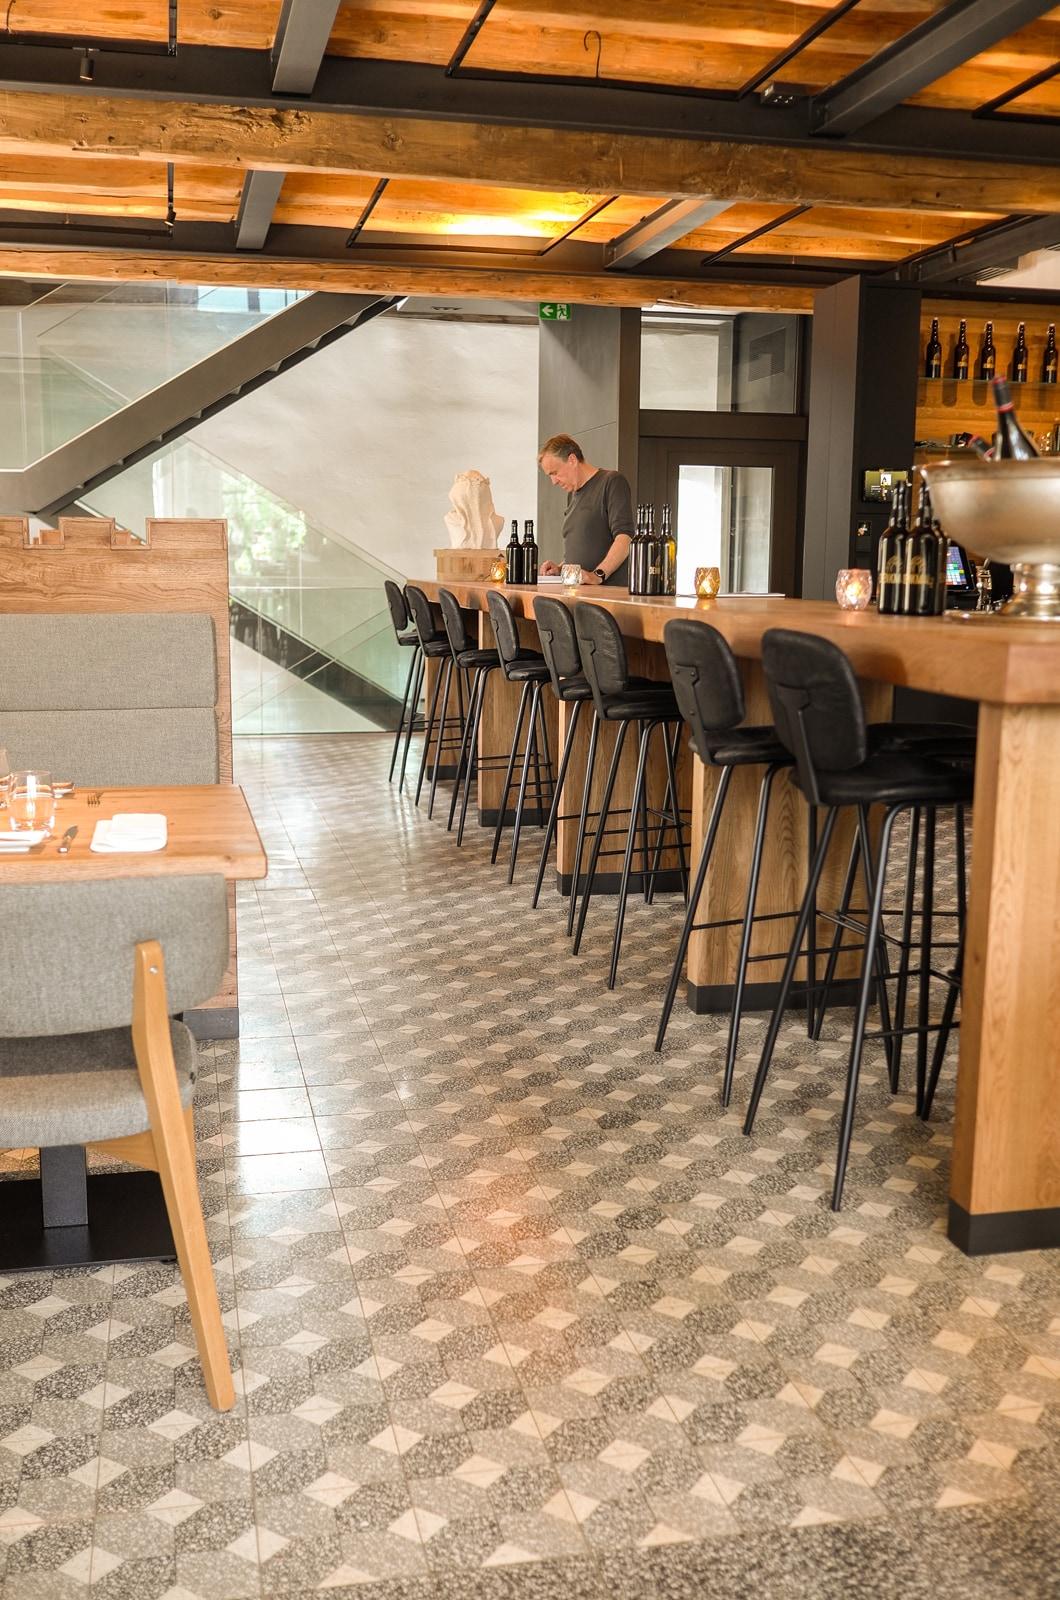 VIA Terrazzo auf dem Boden eines Restaurants